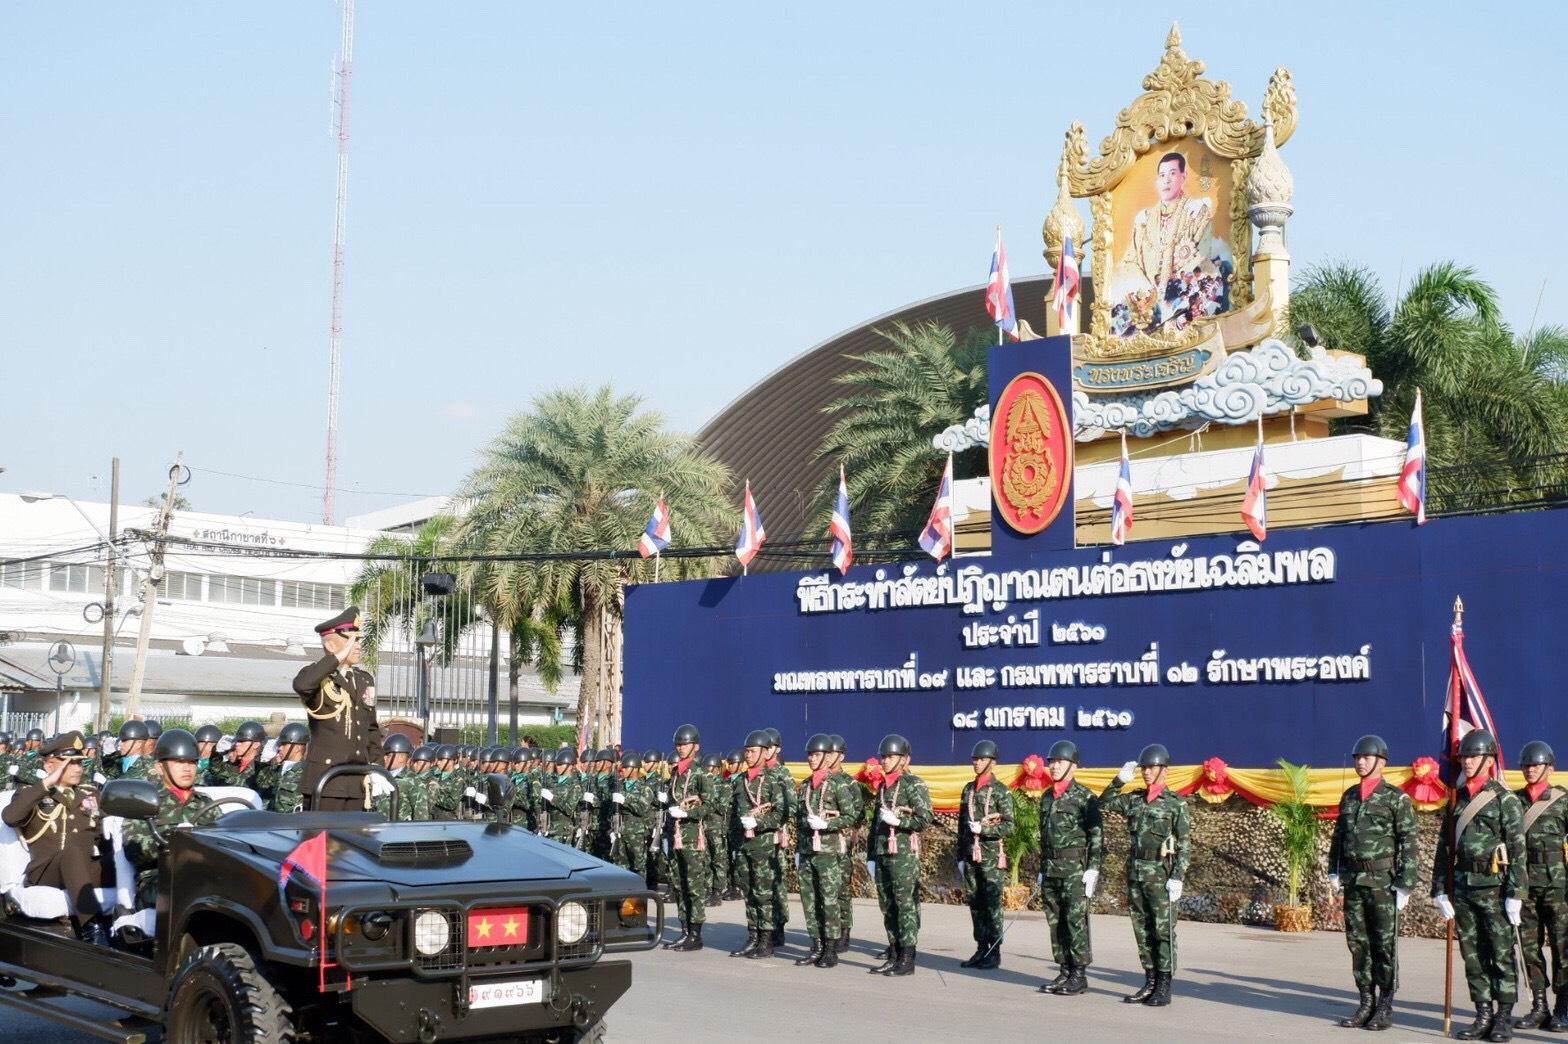 การประปาส่วนภูมิภาคสาขาอรัญประเทศเข้าร่วมเป็นเกียรติในพิธีกระทำสัตย์ปฏิญาณตนต่อธงชัยเฉลิมพล และการสวนสนาม ของเหล่าทหารในสังกัดมณฑลทหารบกที่19  ค่ายสุรสิงหนาท เนื่องในวันกองทัพไทย